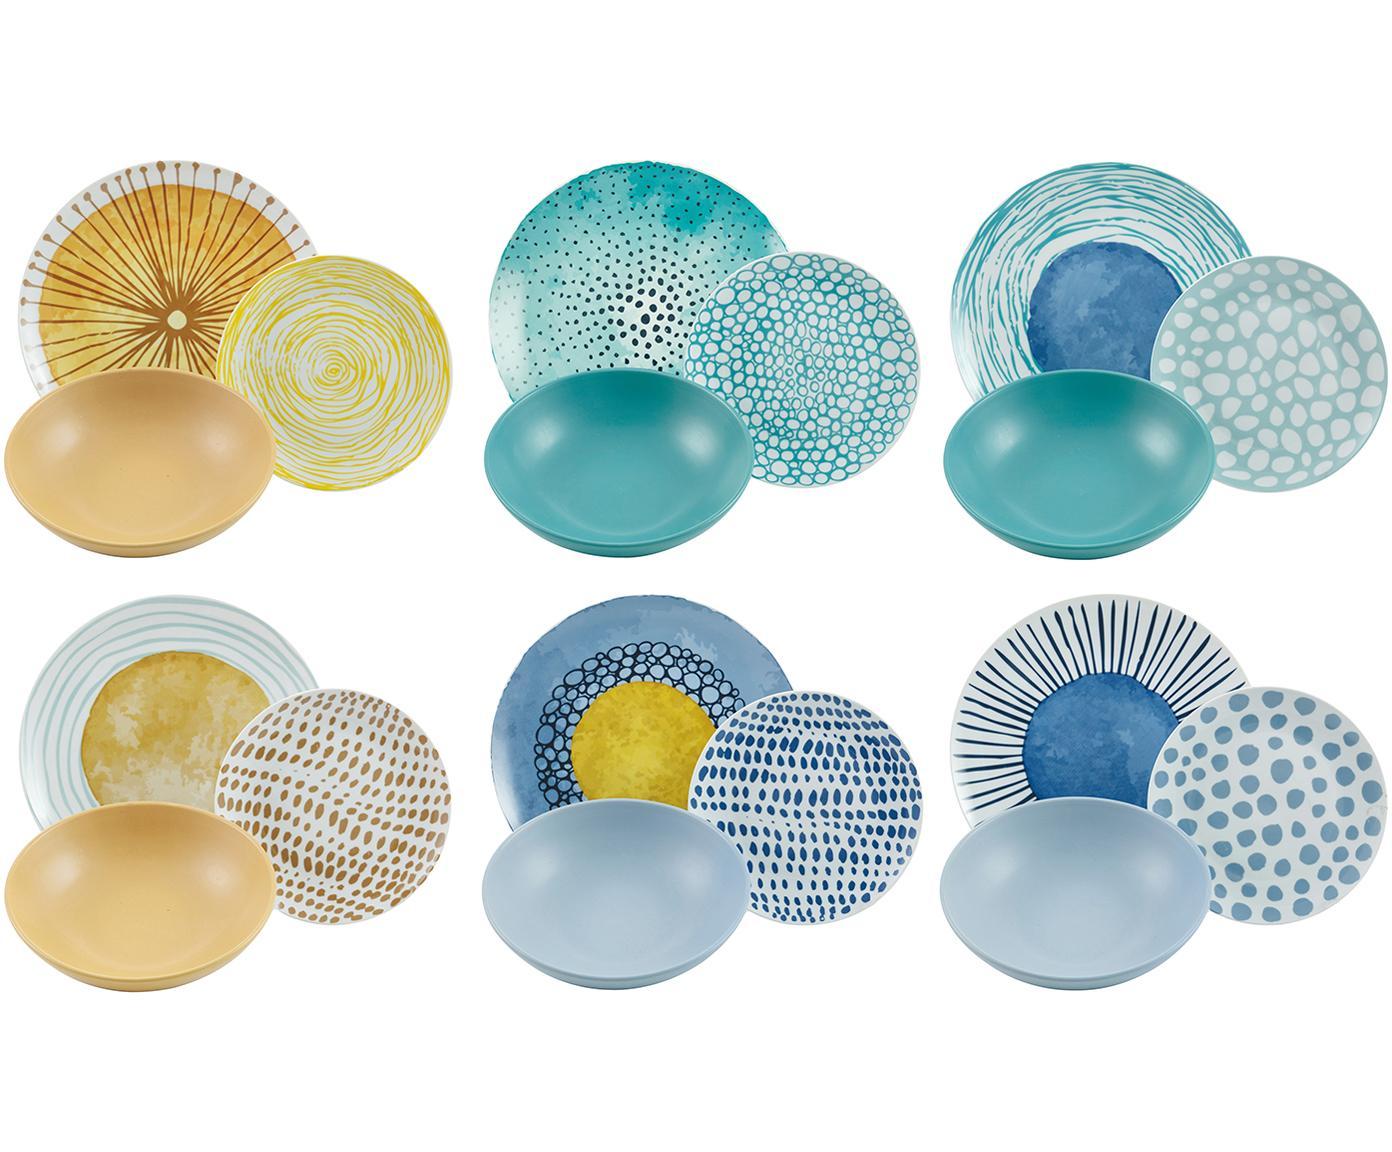 Geschirr-Set Marea mit bunten Designs, 6 Personen (18-tlg.), Blau, Weiß, Gelb, Sondergrößen